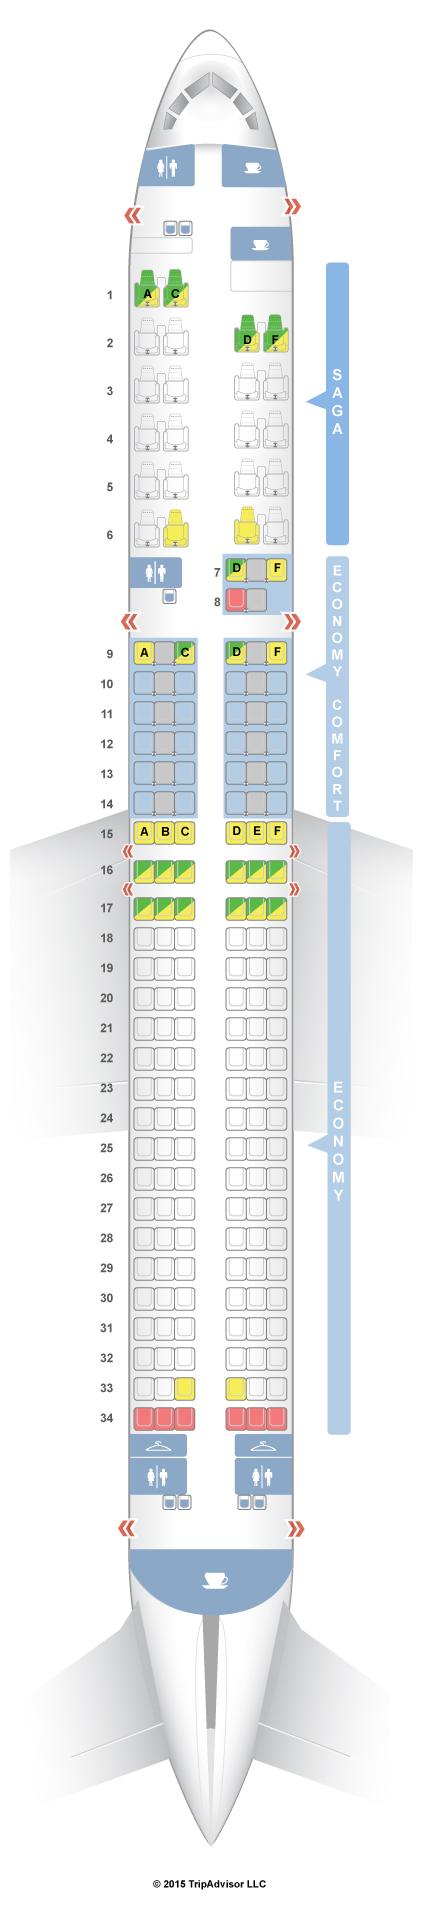 Seatguru seat map icelandair boeing also travel rh pinterest